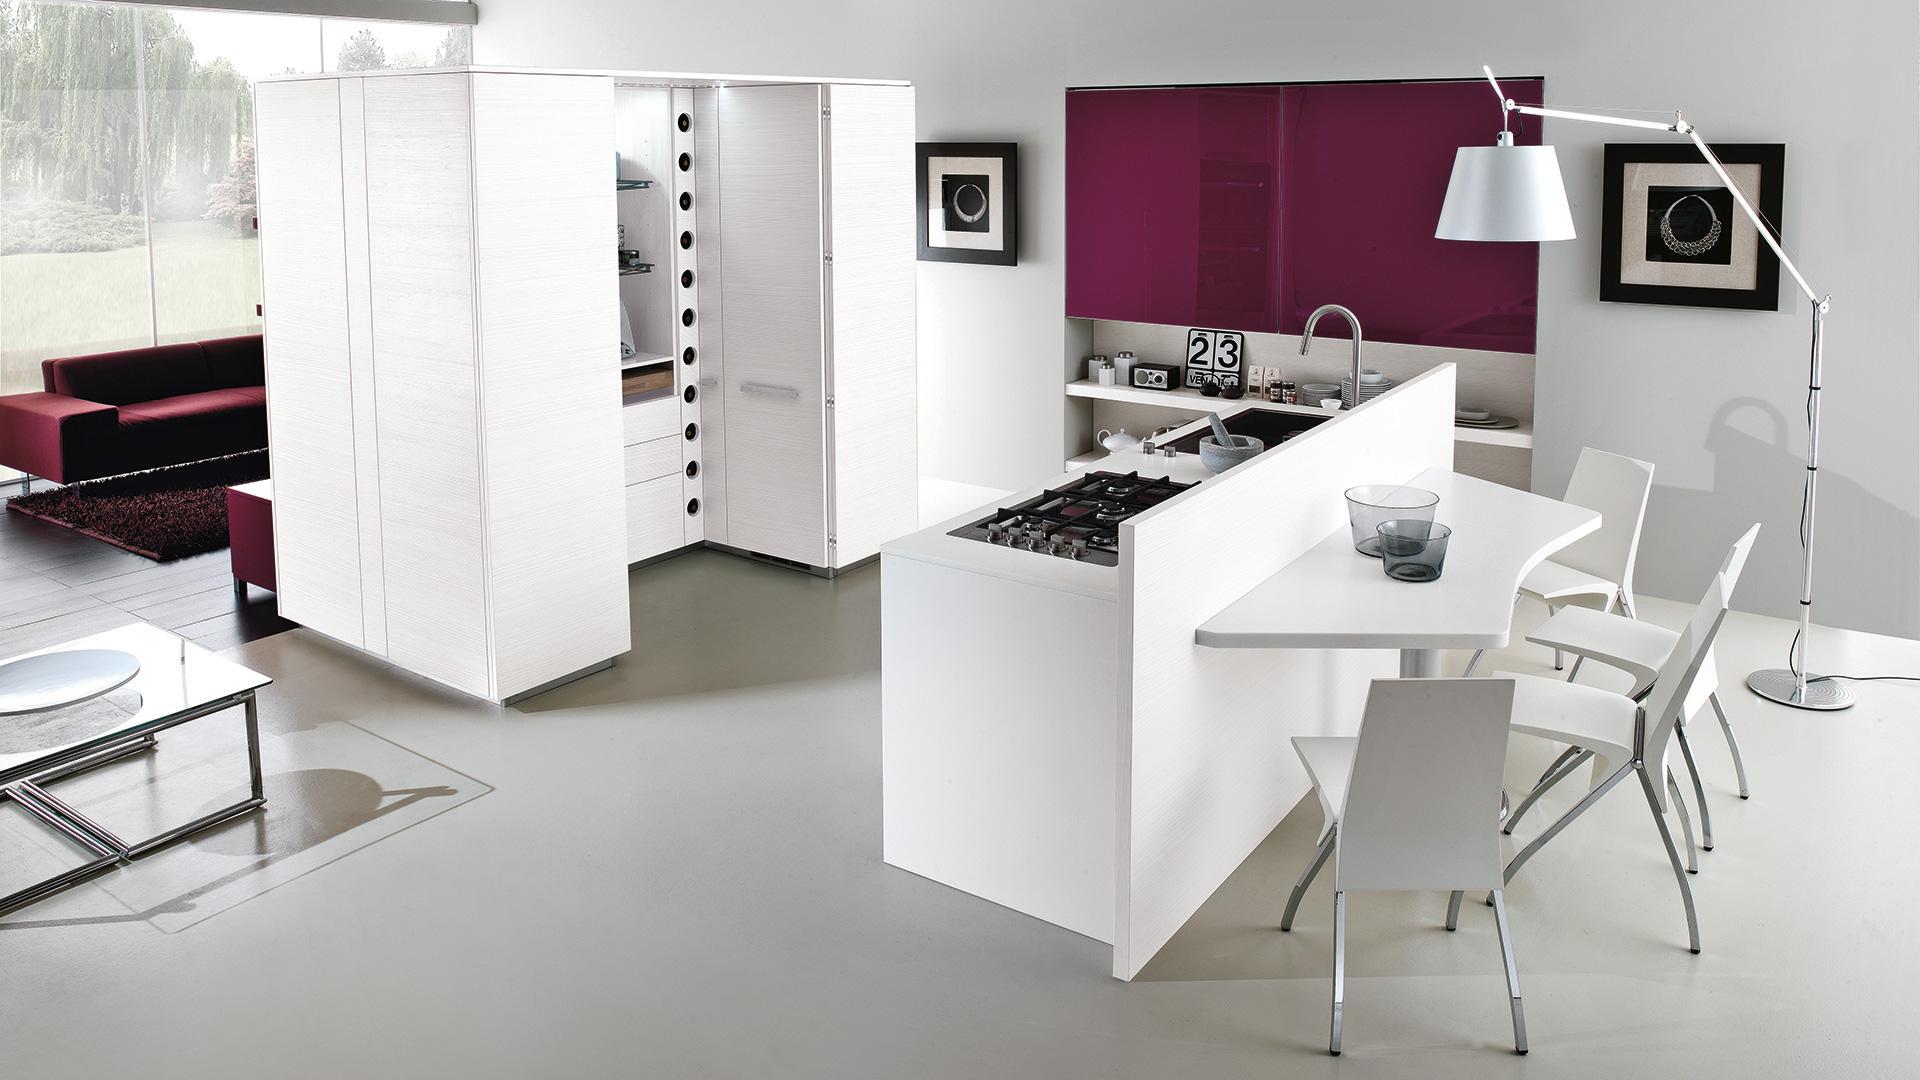 Cucina moderna con isola: 4 motivi per sceglierla - Lube Store Milano